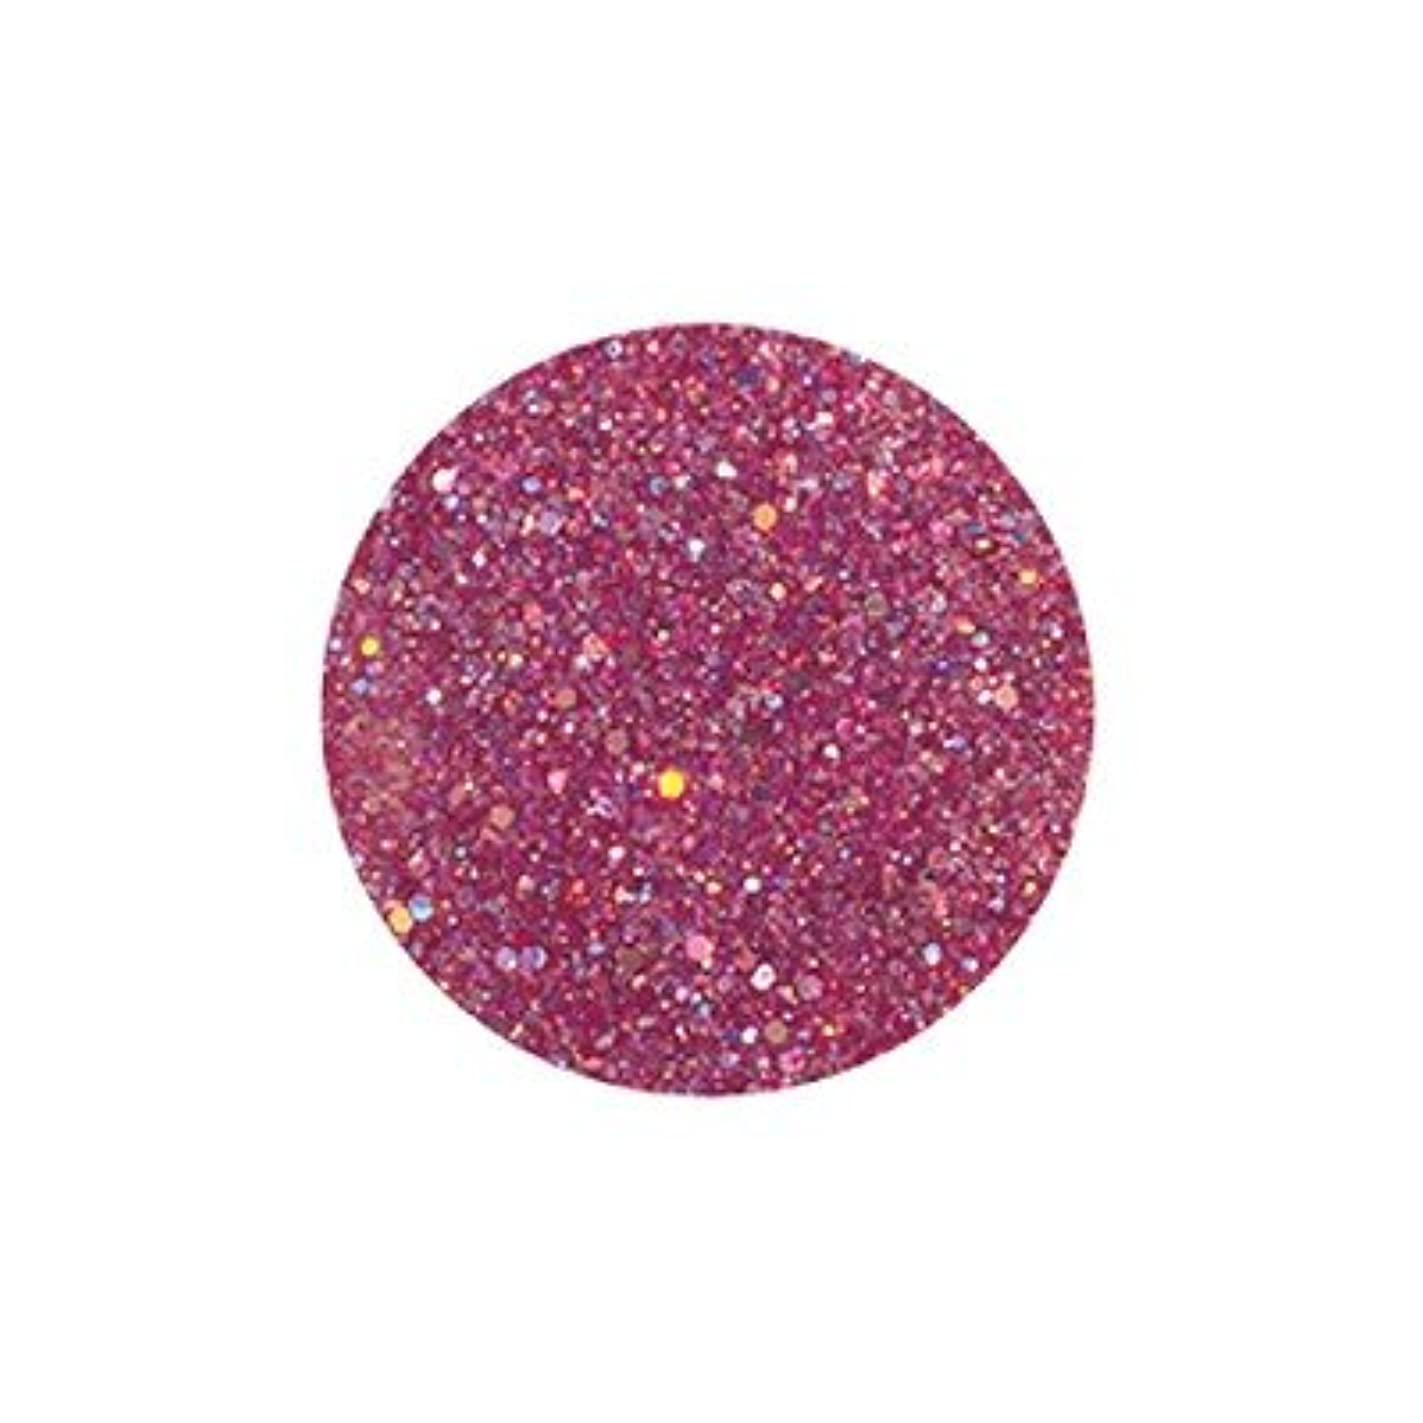 授業料マーク長さFANTASY NAIL ダイヤモンドコレクション 3g 4259XS カラーパウダー アート材